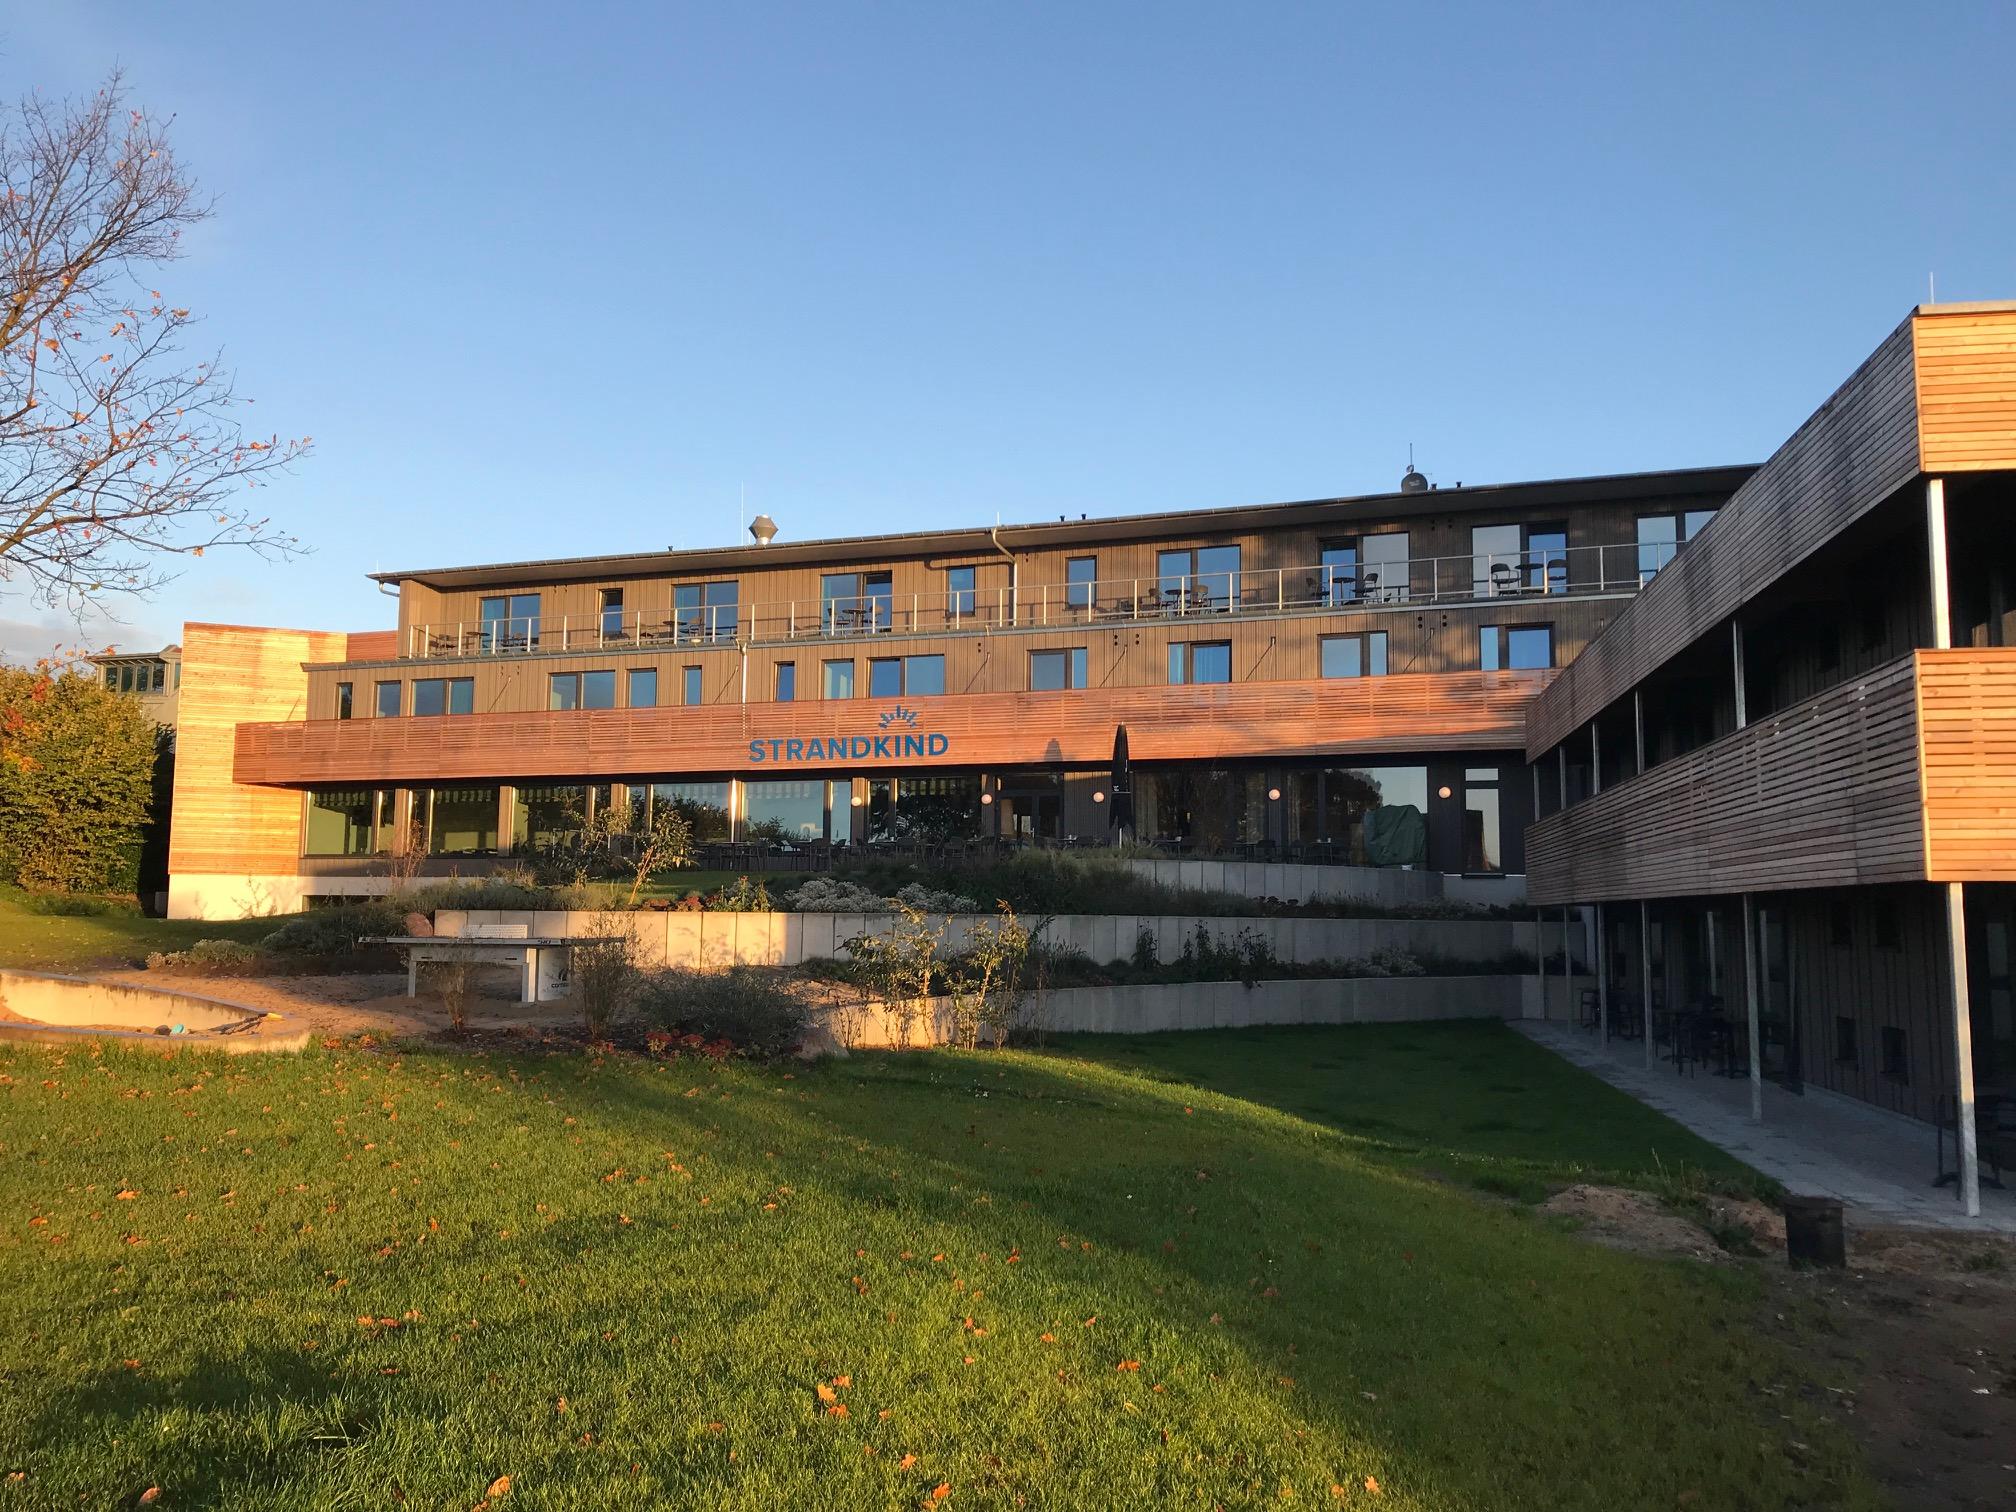 Hotel Strandkind; Familienfreundliches Hotel Ostsee; Hotel Ostsee mit Ausblick; nachhaltiges Hotel Ostsee; Ostsee Familienhotel Lübecker Bucht; Hotel Lübecker Bucht; Urlaub mit Kind Hotel Ostsee; Kurzurlaub mit Kind